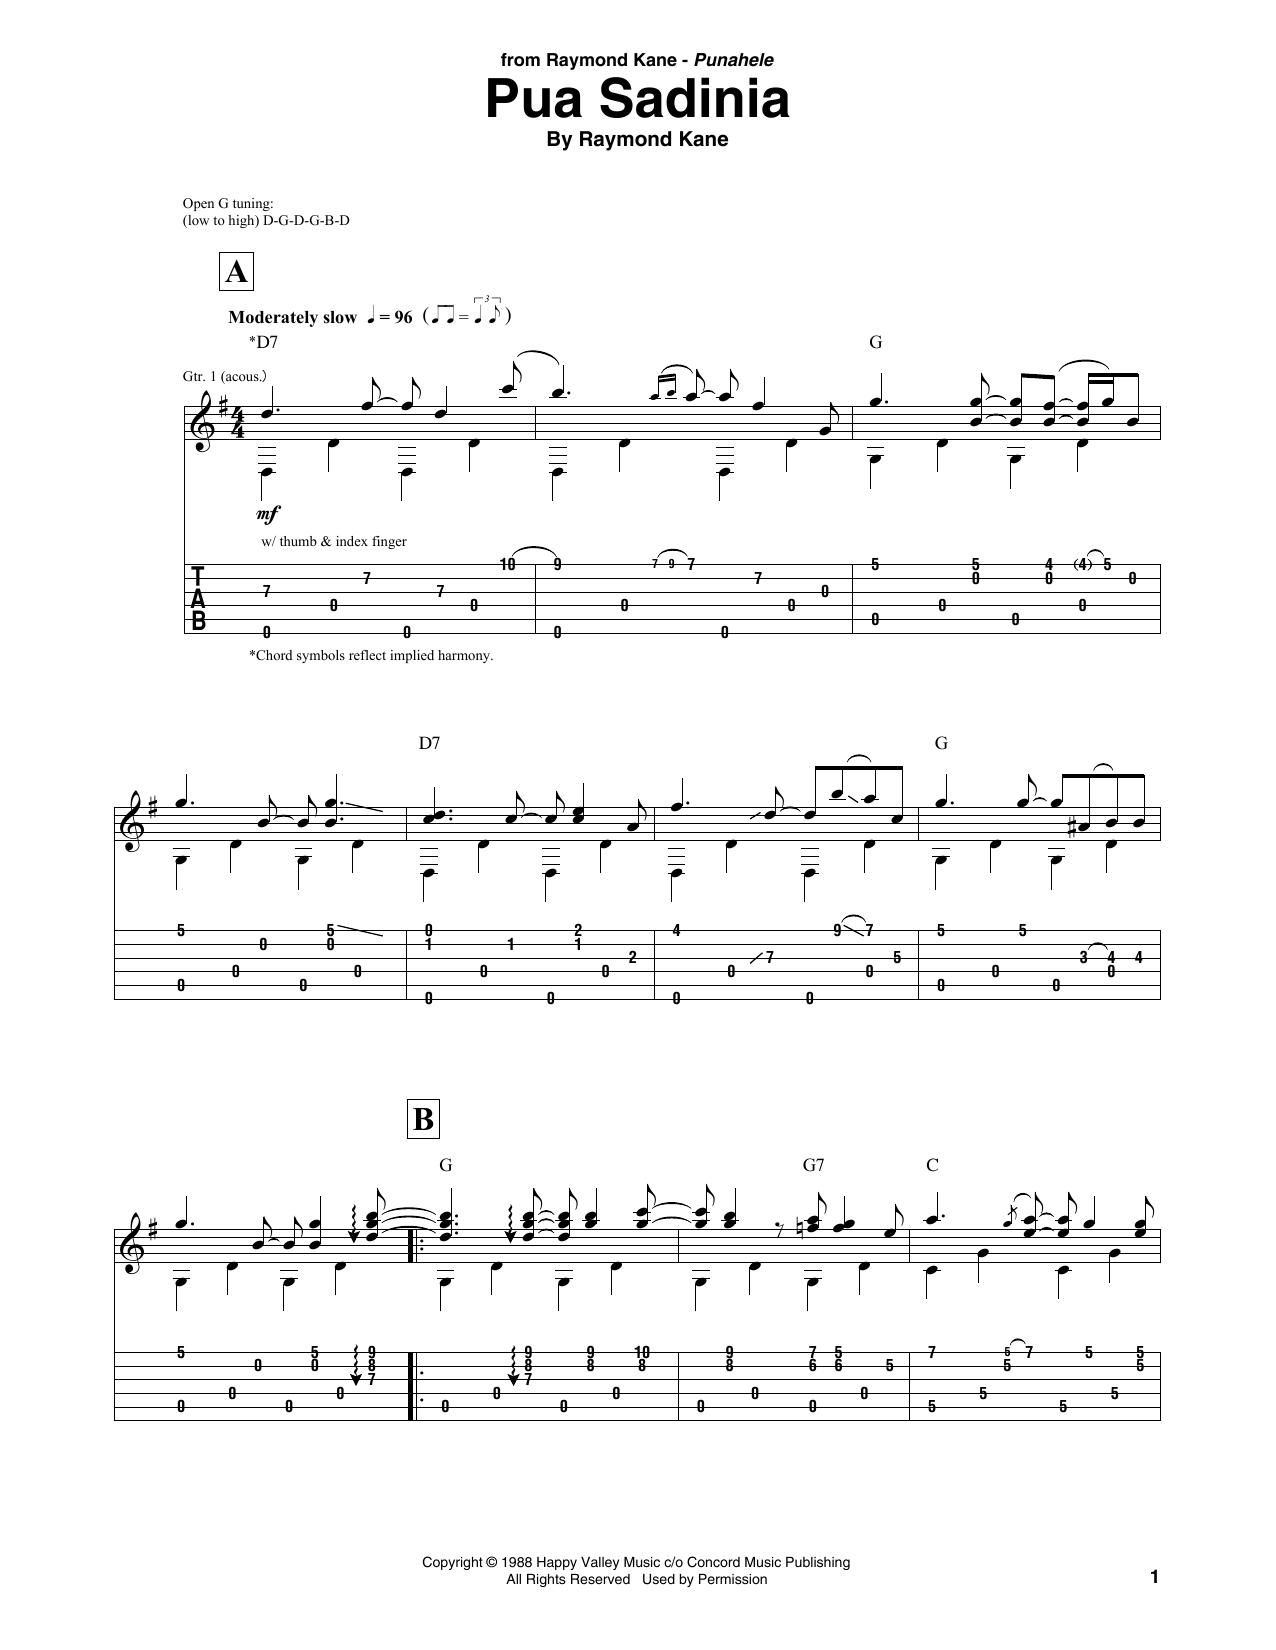 Pua Sadinia Sheet Music